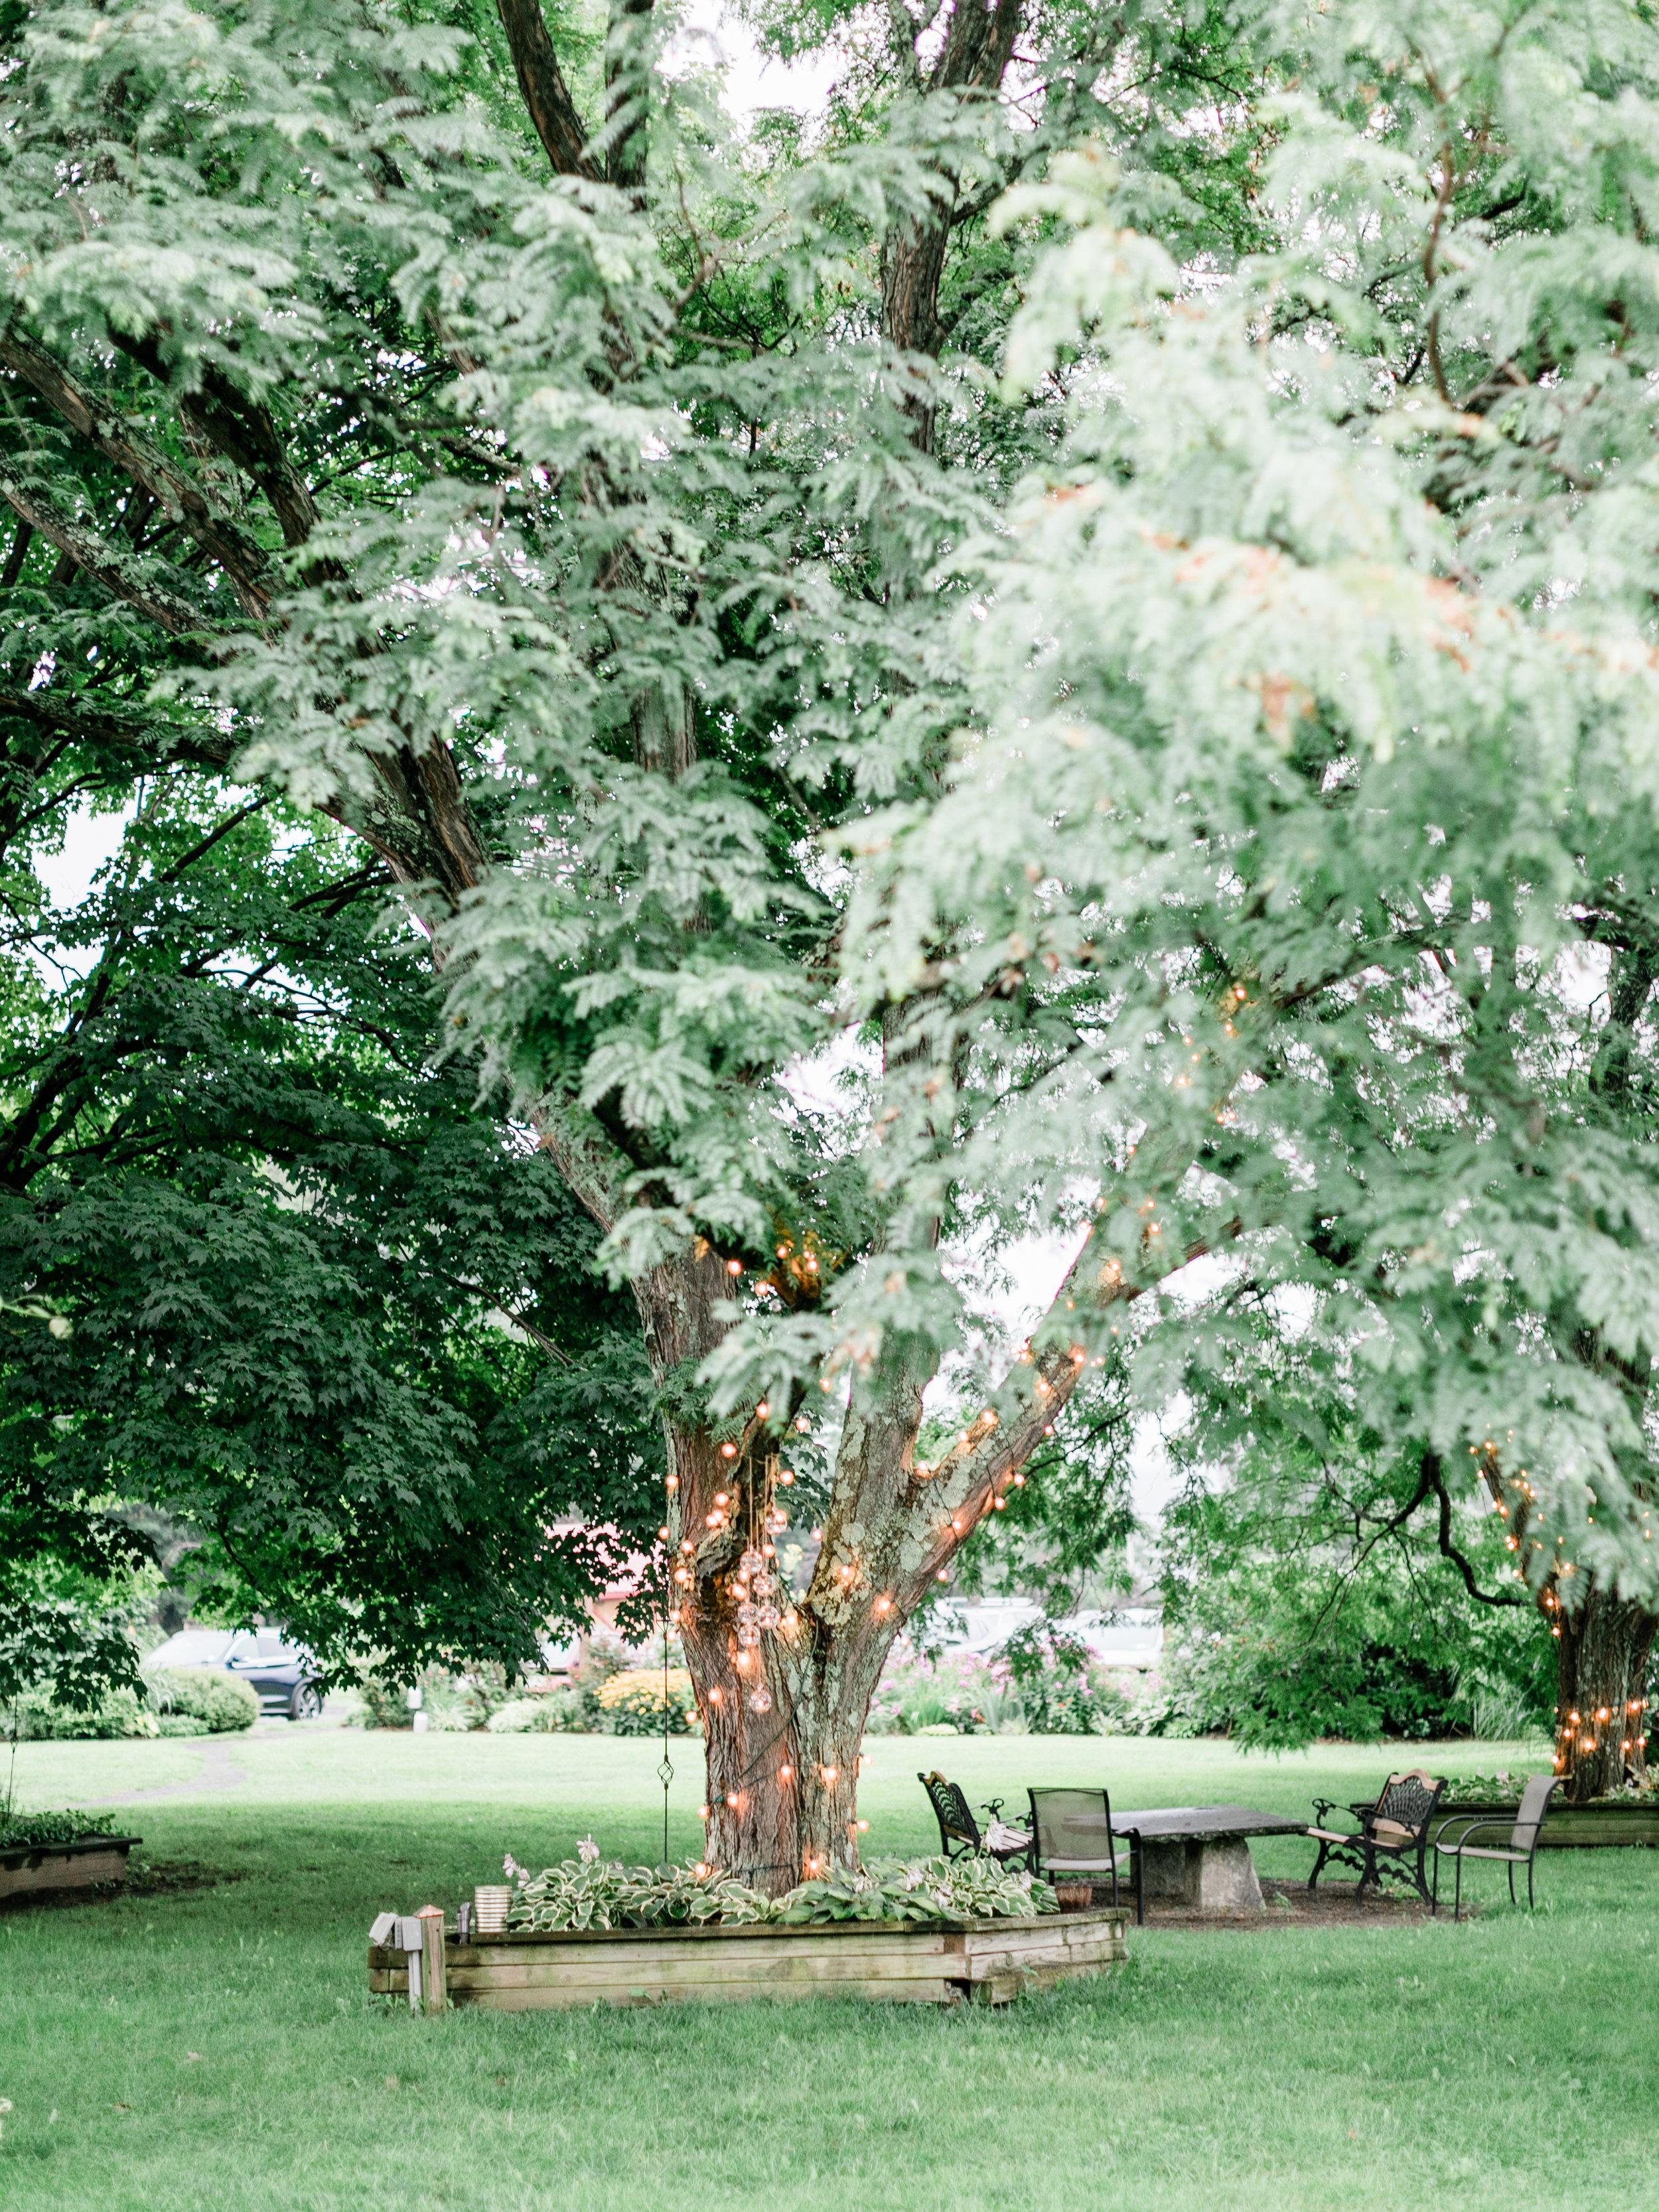 asher-gardner-red-maple-vineyard-0480.jpg